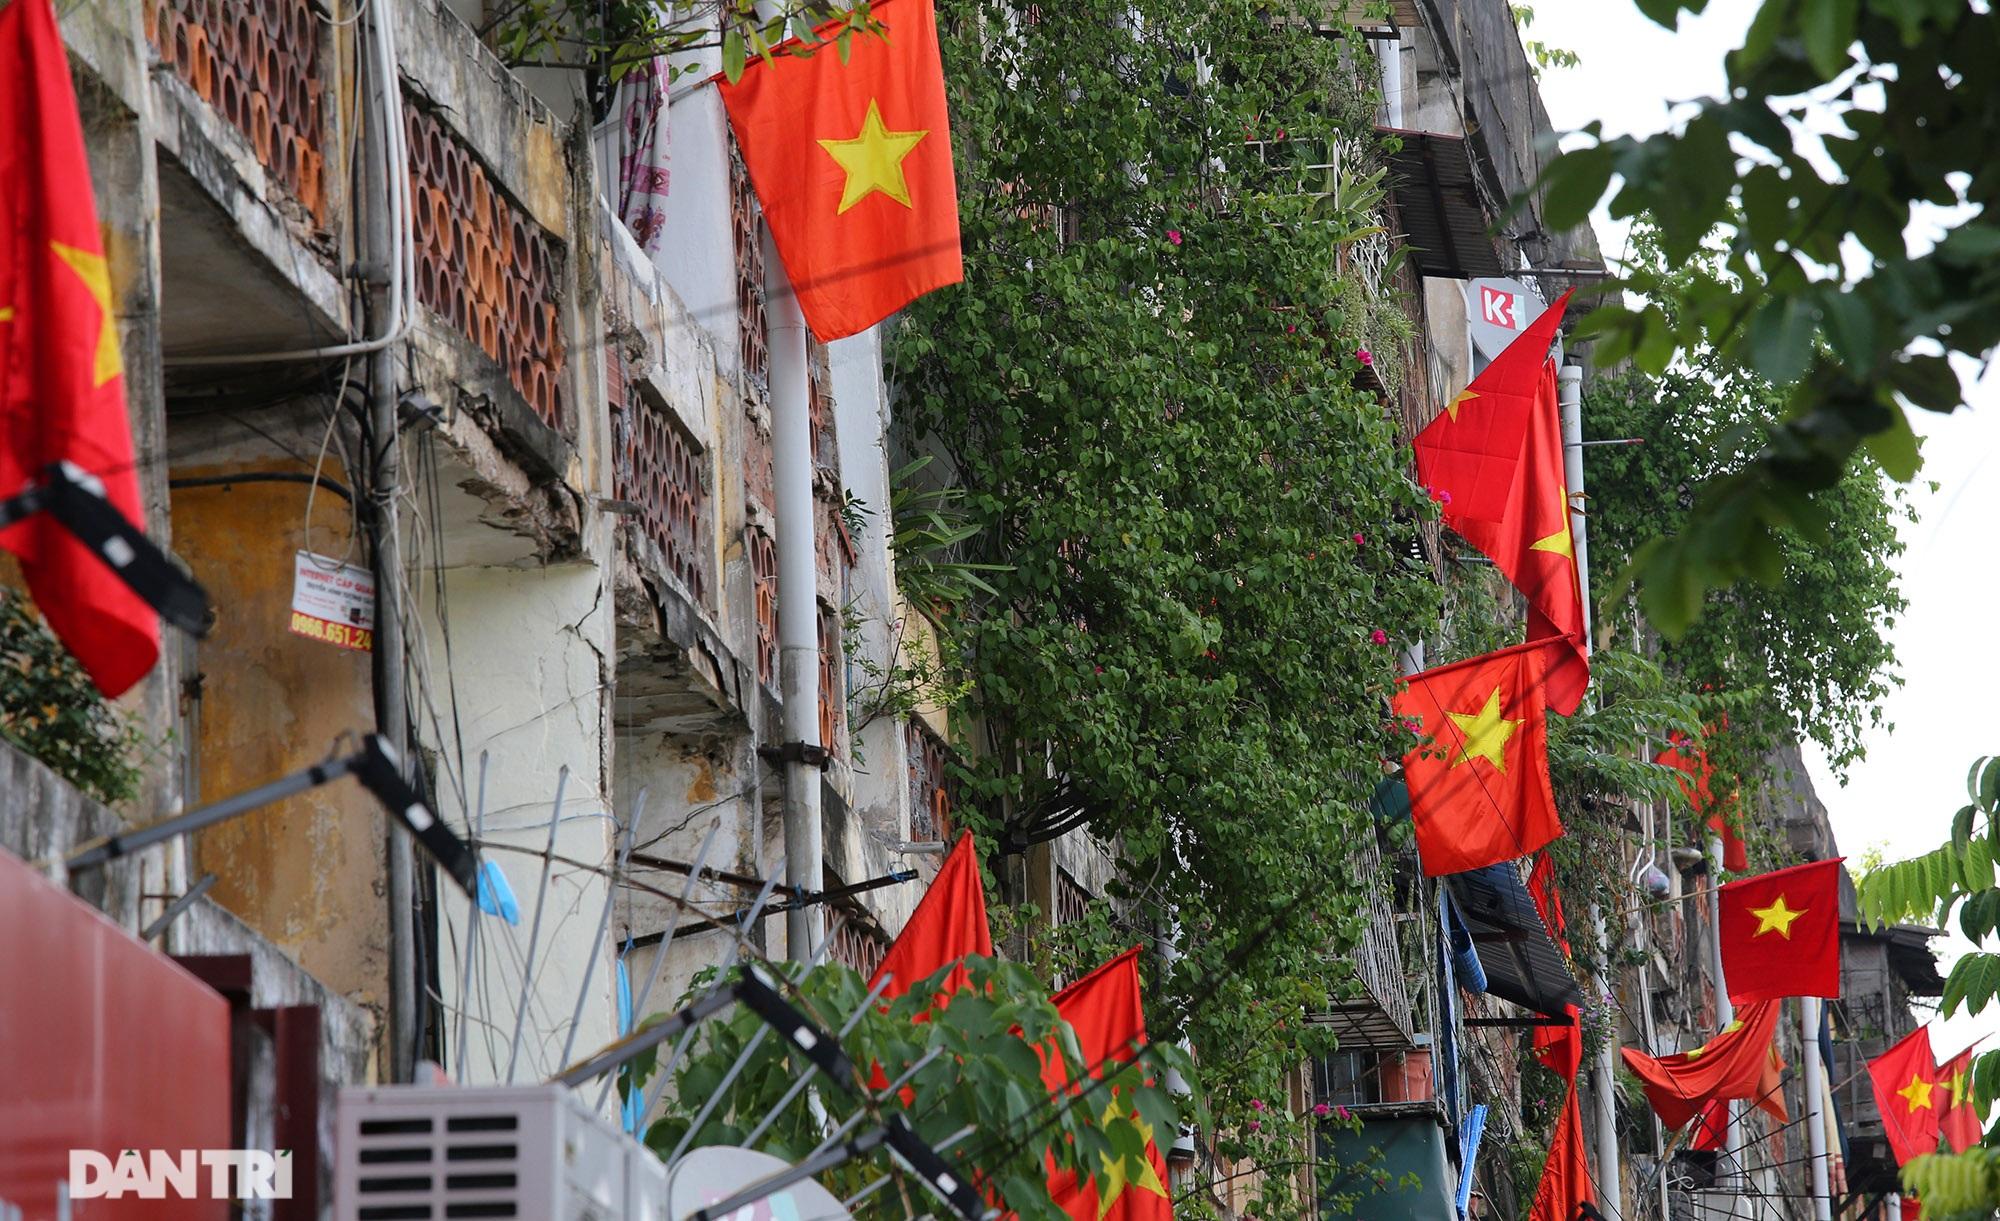 Hà Nội: Cờ Tổ quốc đỏ rực khắp phố phường mừng ngày Quốc Khánh - 10